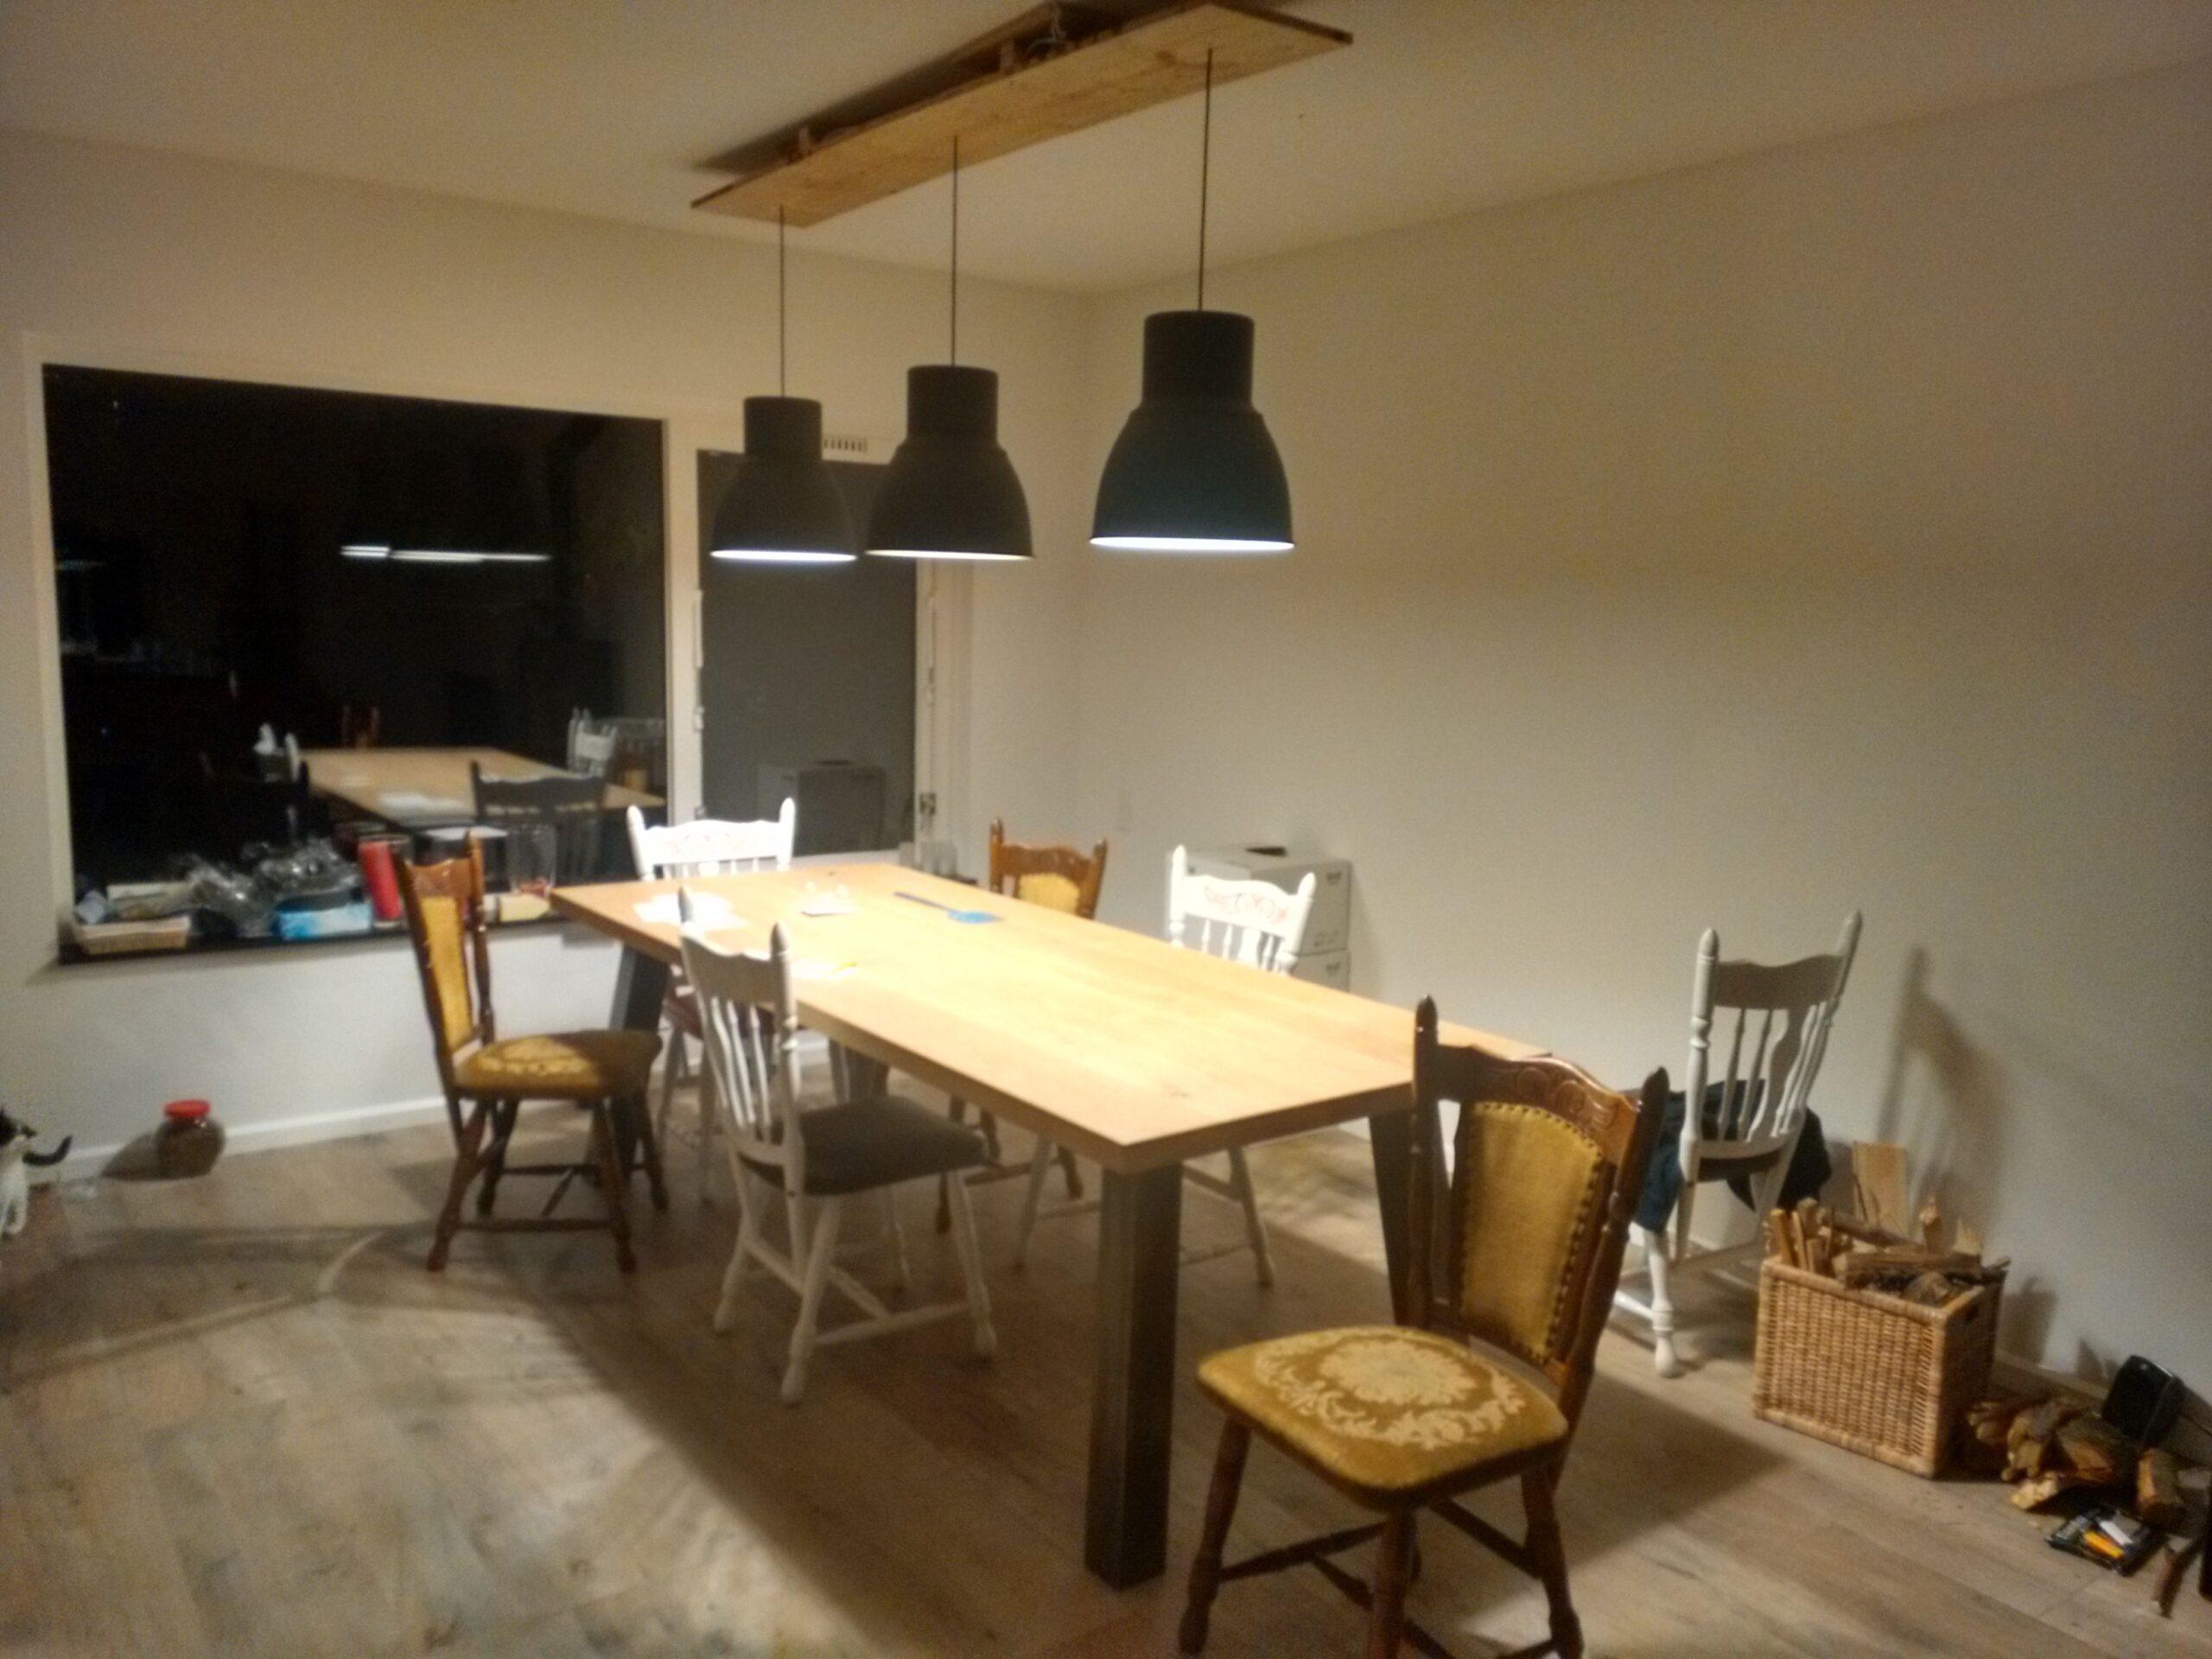 Full Size of Lampen Wohnzimmer Decke Ikea Hack 3 Hektar Teppich Modulküche Badezimmer Anbauwand Led Deckenleuchte Küche Schrank Schlafzimmer Komplett Tapete Decken Modern Wohnzimmer Lampen Wohnzimmer Decke Ikea